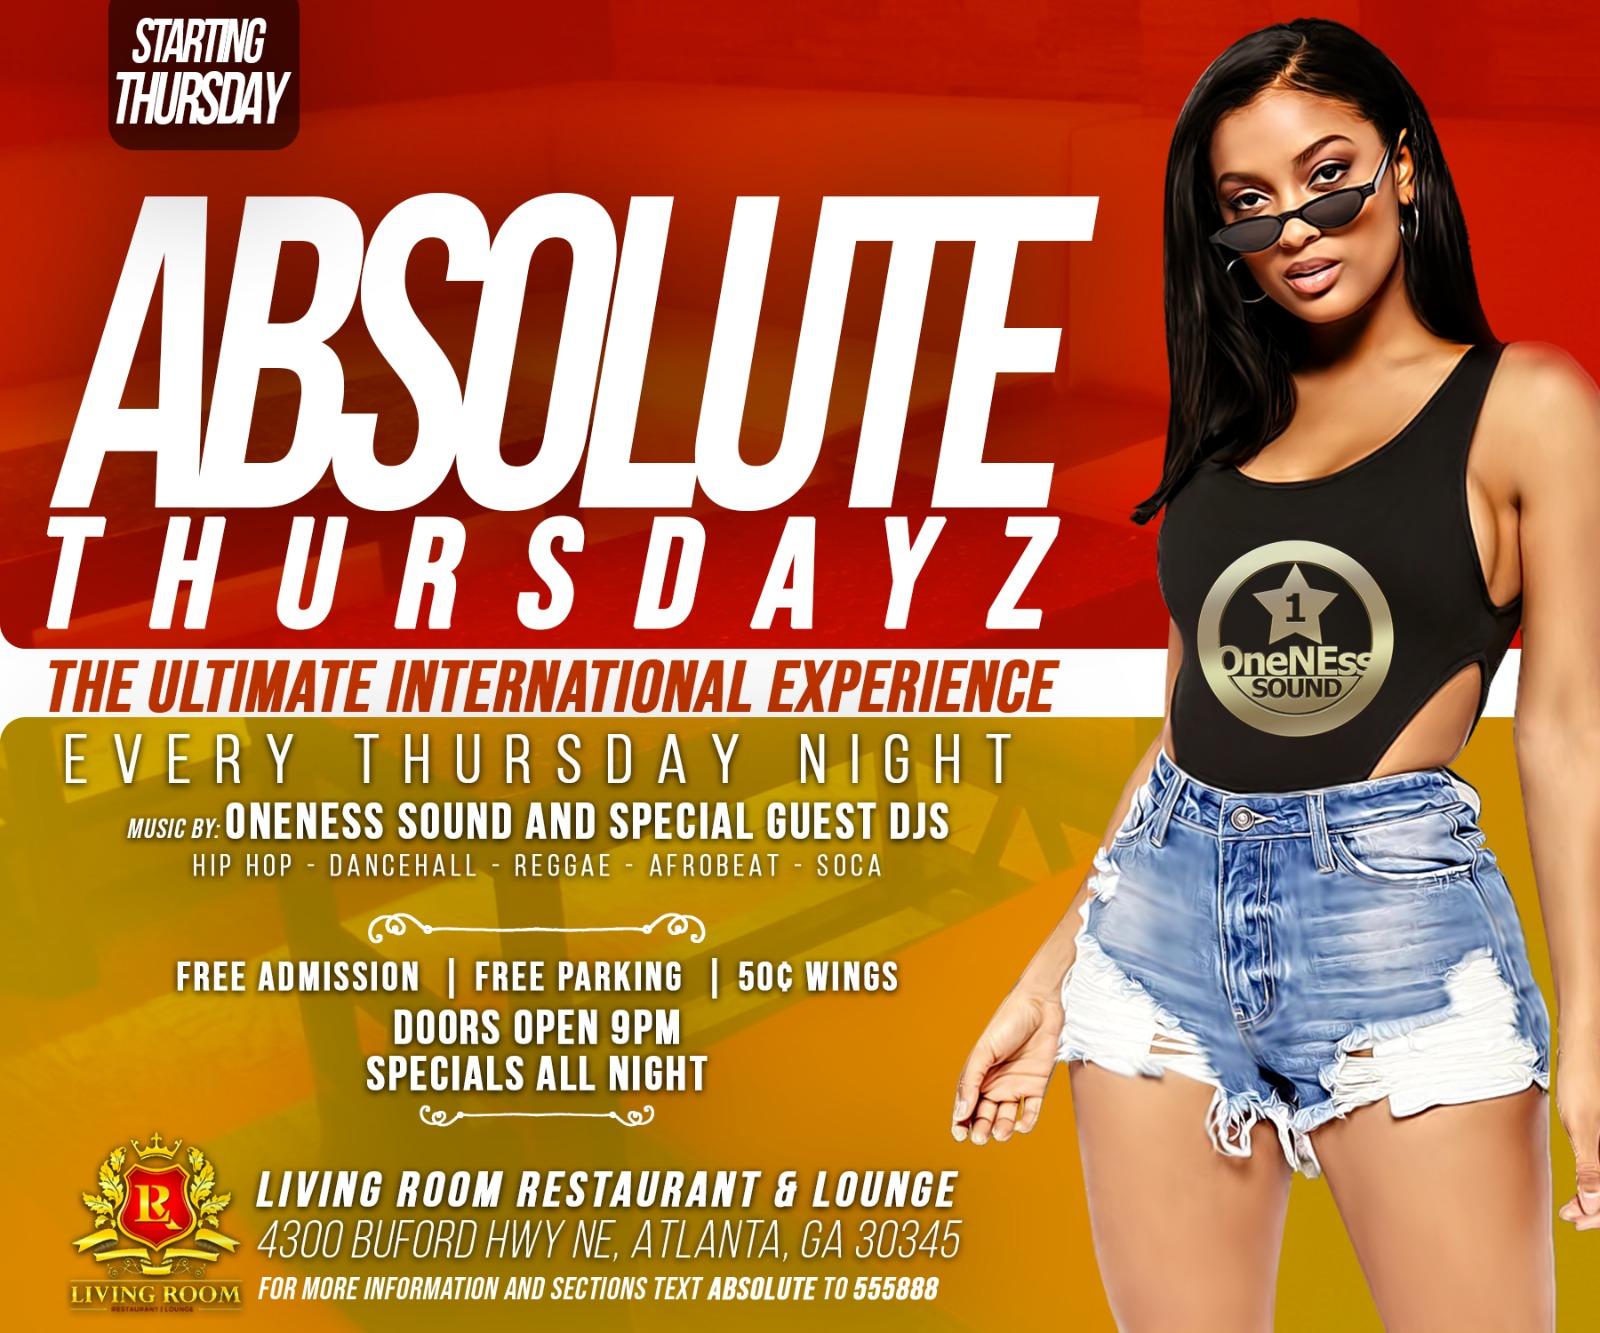 Absolute Thursdayz